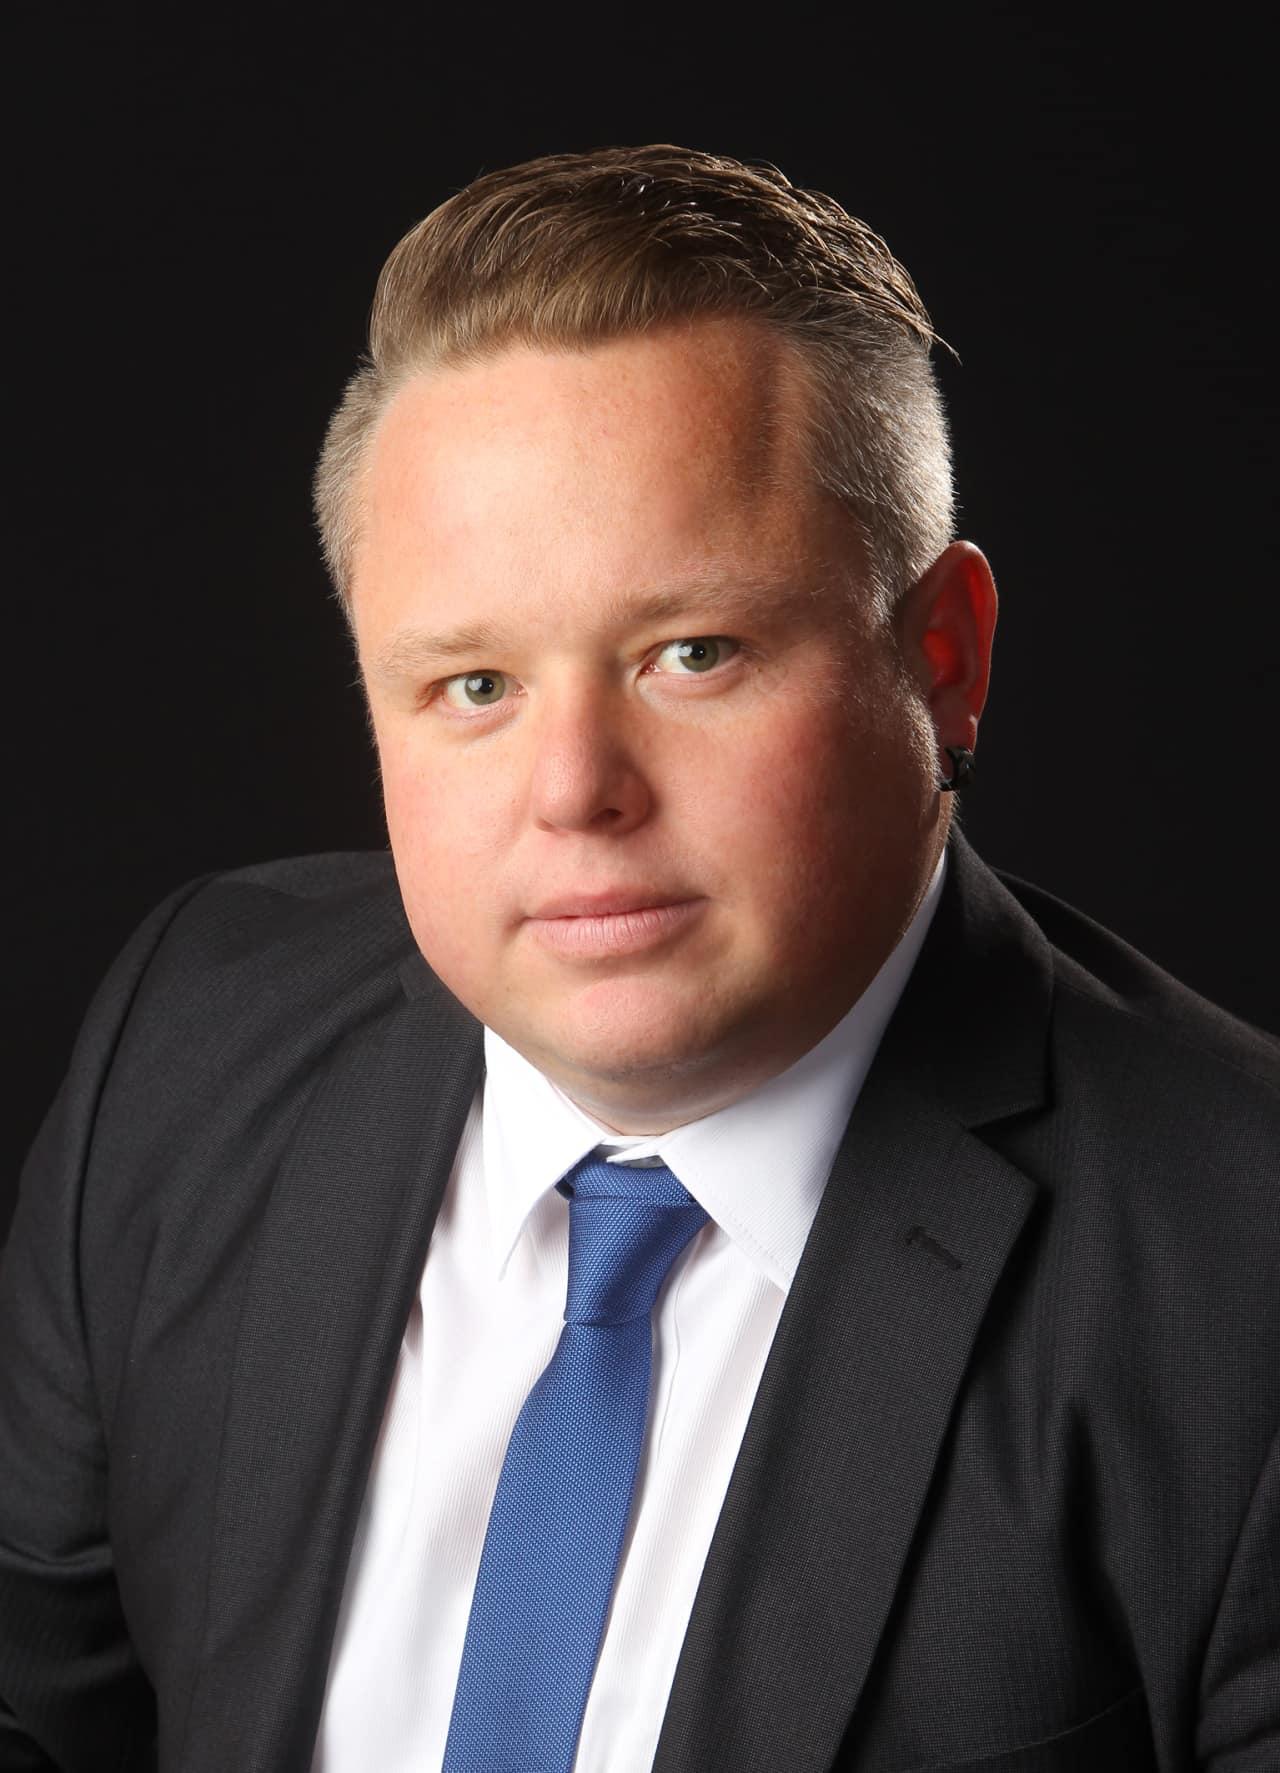 Geschäftsführer Immobilienmakler Immobilienfachwirt Finanzexperte